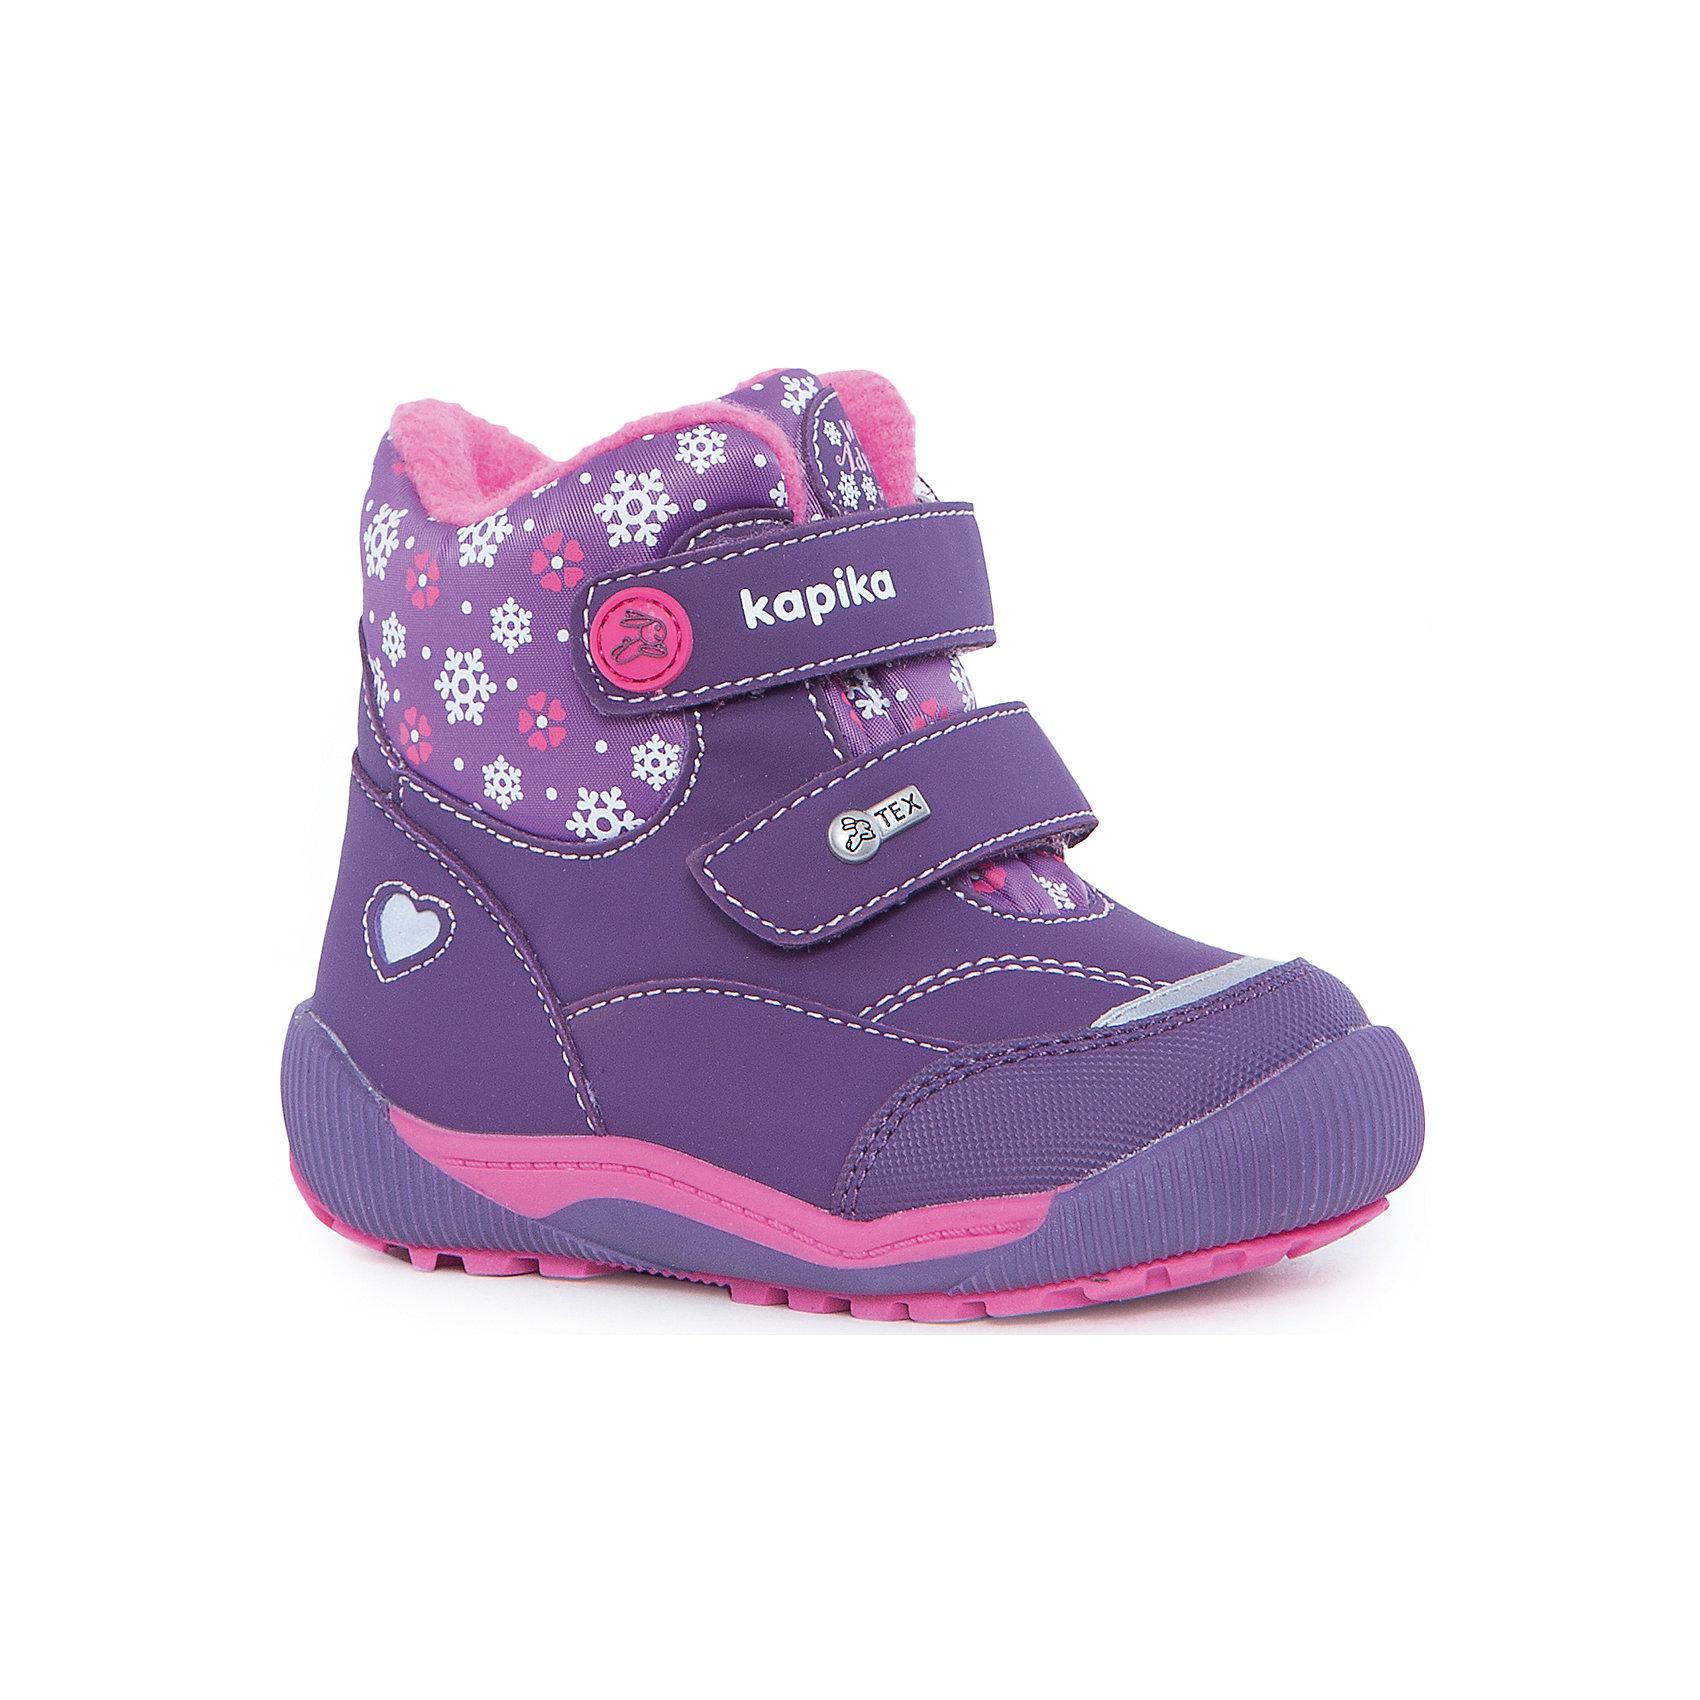 Ботинки для девочки KAPIKAБотинки<br>Ботинки для девочки KAPIKA.<br><br>Температурный режим: до -20 градусов. Степень утепления – средняя. <br><br>* Температурный режим указан приблизительно — необходимо, прежде всего, ориентироваться на ощущения ребенка.<br><br>Ботинки отлично подойдут для прогулок в холодное время года. С ними прогулки вашей малышки станут еще интереснее и удобнее,ведь они не будут натирать и сковывать движение. <br><br>Характеристика:<br>-Цвет: фиолетовый с рисунком<br>-Материал: снаружи- текстиль + искусственная кожа,                       подкладка:текстиль(шерсть 80%)<br>-Застёжка: две липучки<br>-Бренд: KAPIKA(КАПИКА)<br>-Сезон: осень-зима<br><br>Ботинки  для девочки KAPIKA  вы можете приобрести в нашем интернет- магазине.<br><br>Ширина мм: 262<br>Глубина мм: 176<br>Высота мм: 97<br>Вес г: 427<br>Цвет: фиолетовый<br>Возраст от месяцев: 24<br>Возраст до месяцев: 36<br>Пол: Женский<br>Возраст: Детский<br>Размер: 22,23,24,25,26<br>SKU: 4987875